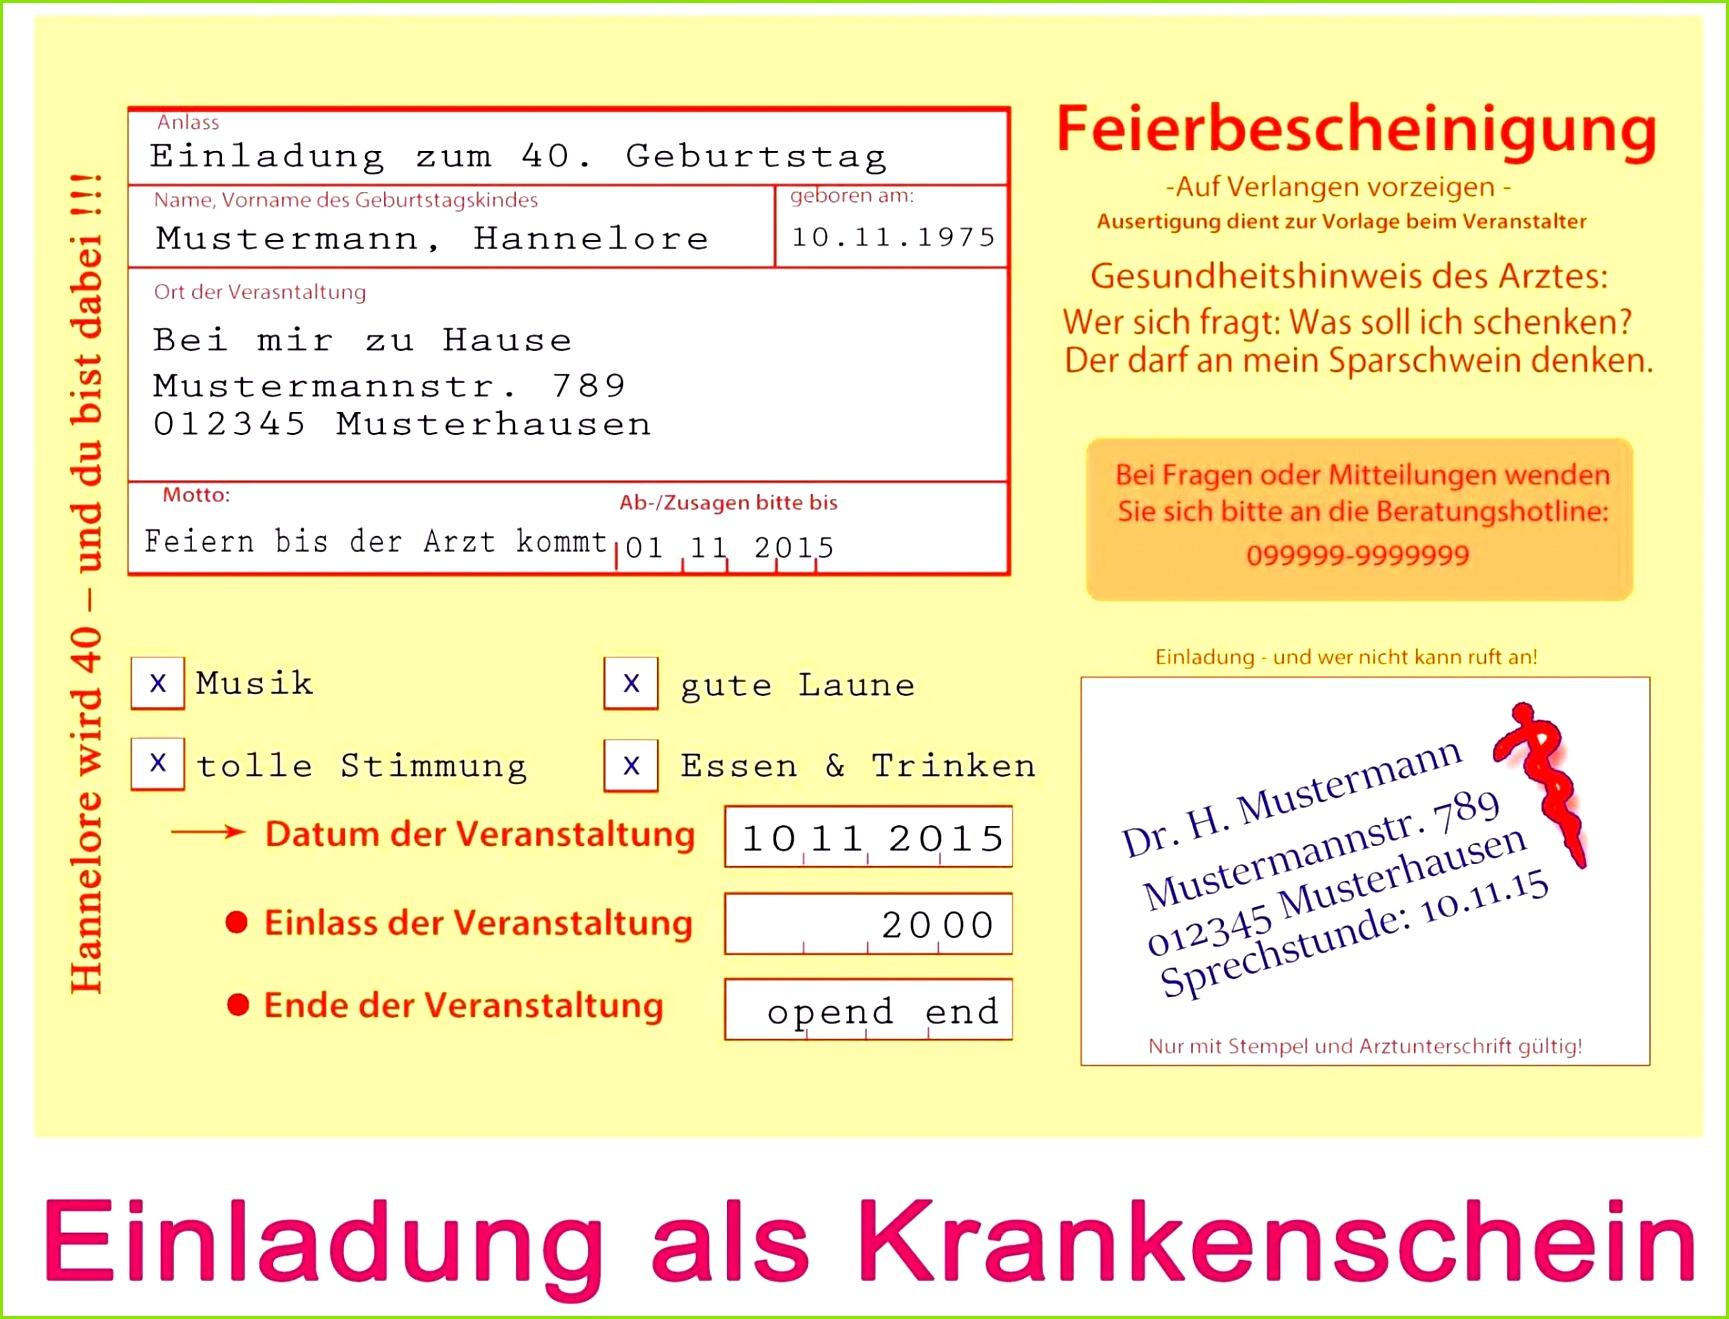 Kofferanhanger Vorlage Schön Unglaubliche Einladung 50 Geburtstag Vorlagen Kostenlosoeqknc Kofferanhanger Vorlage Luxus Klingelschild